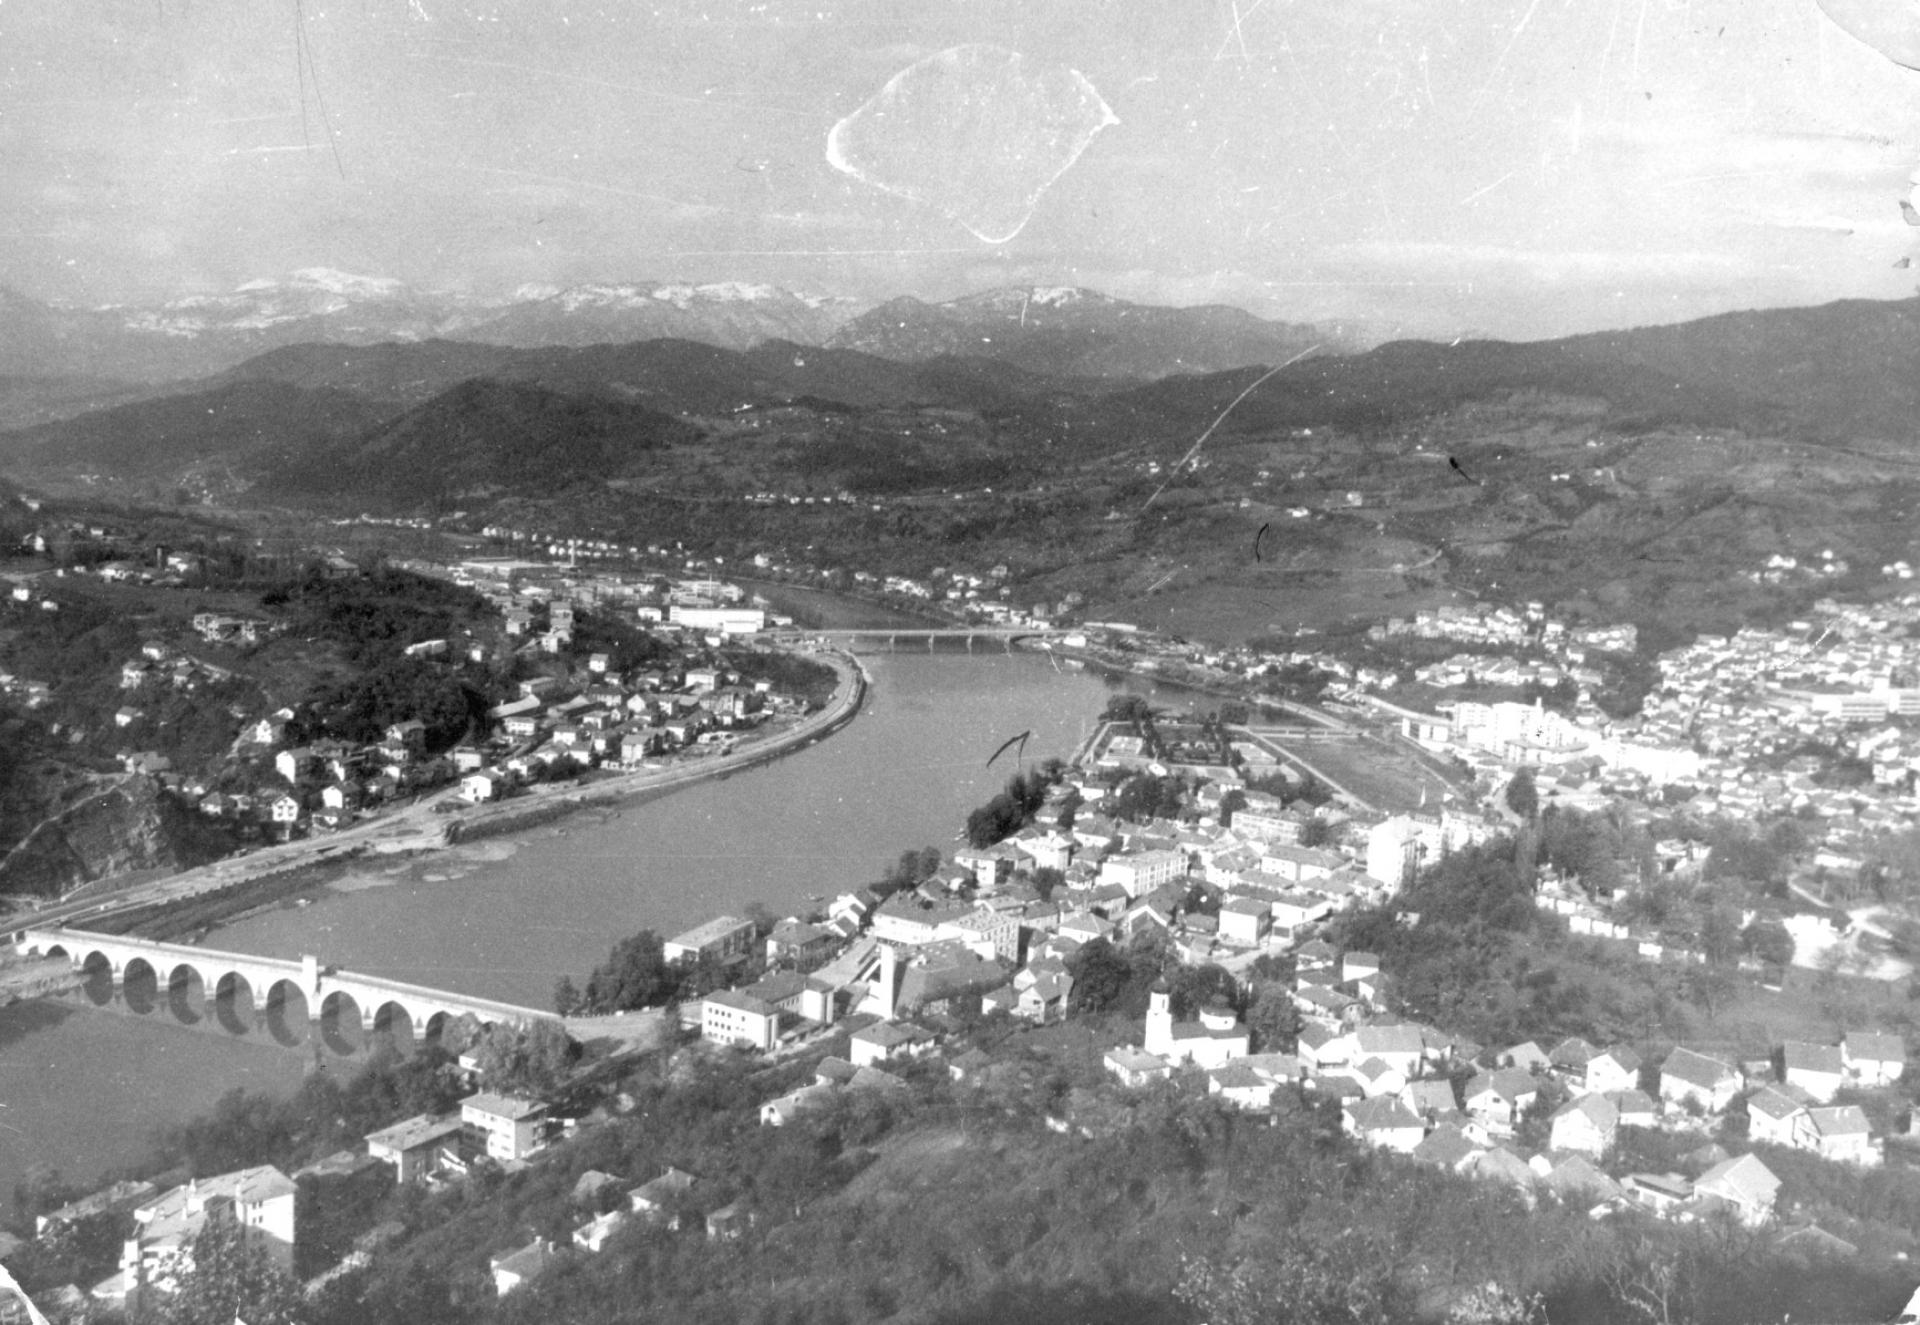 Granica na Drini: Stvaranje mita i njegovo rušenje preko kostiju Bošnjaka